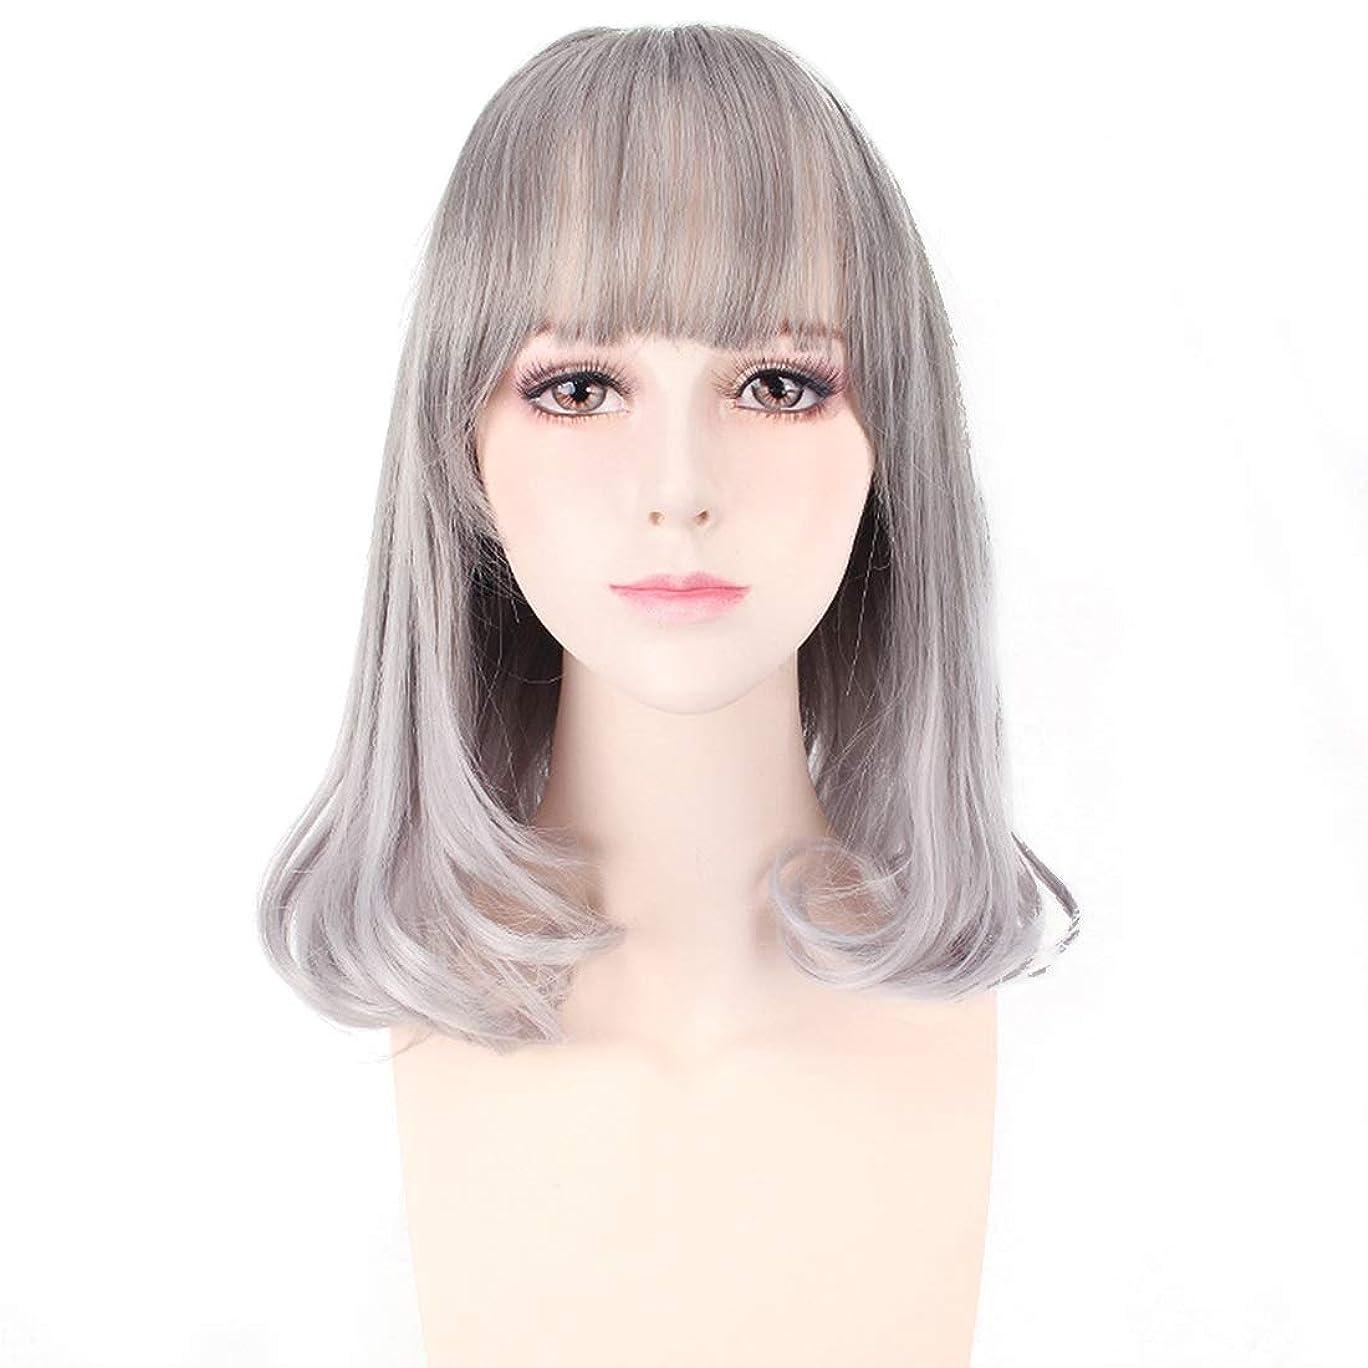 外交官たるみ扱いやすいKoloeplf チーバンズショートヘアウェーブヘッドふわふわリアルガールウィッグ (Color : Silver gray)